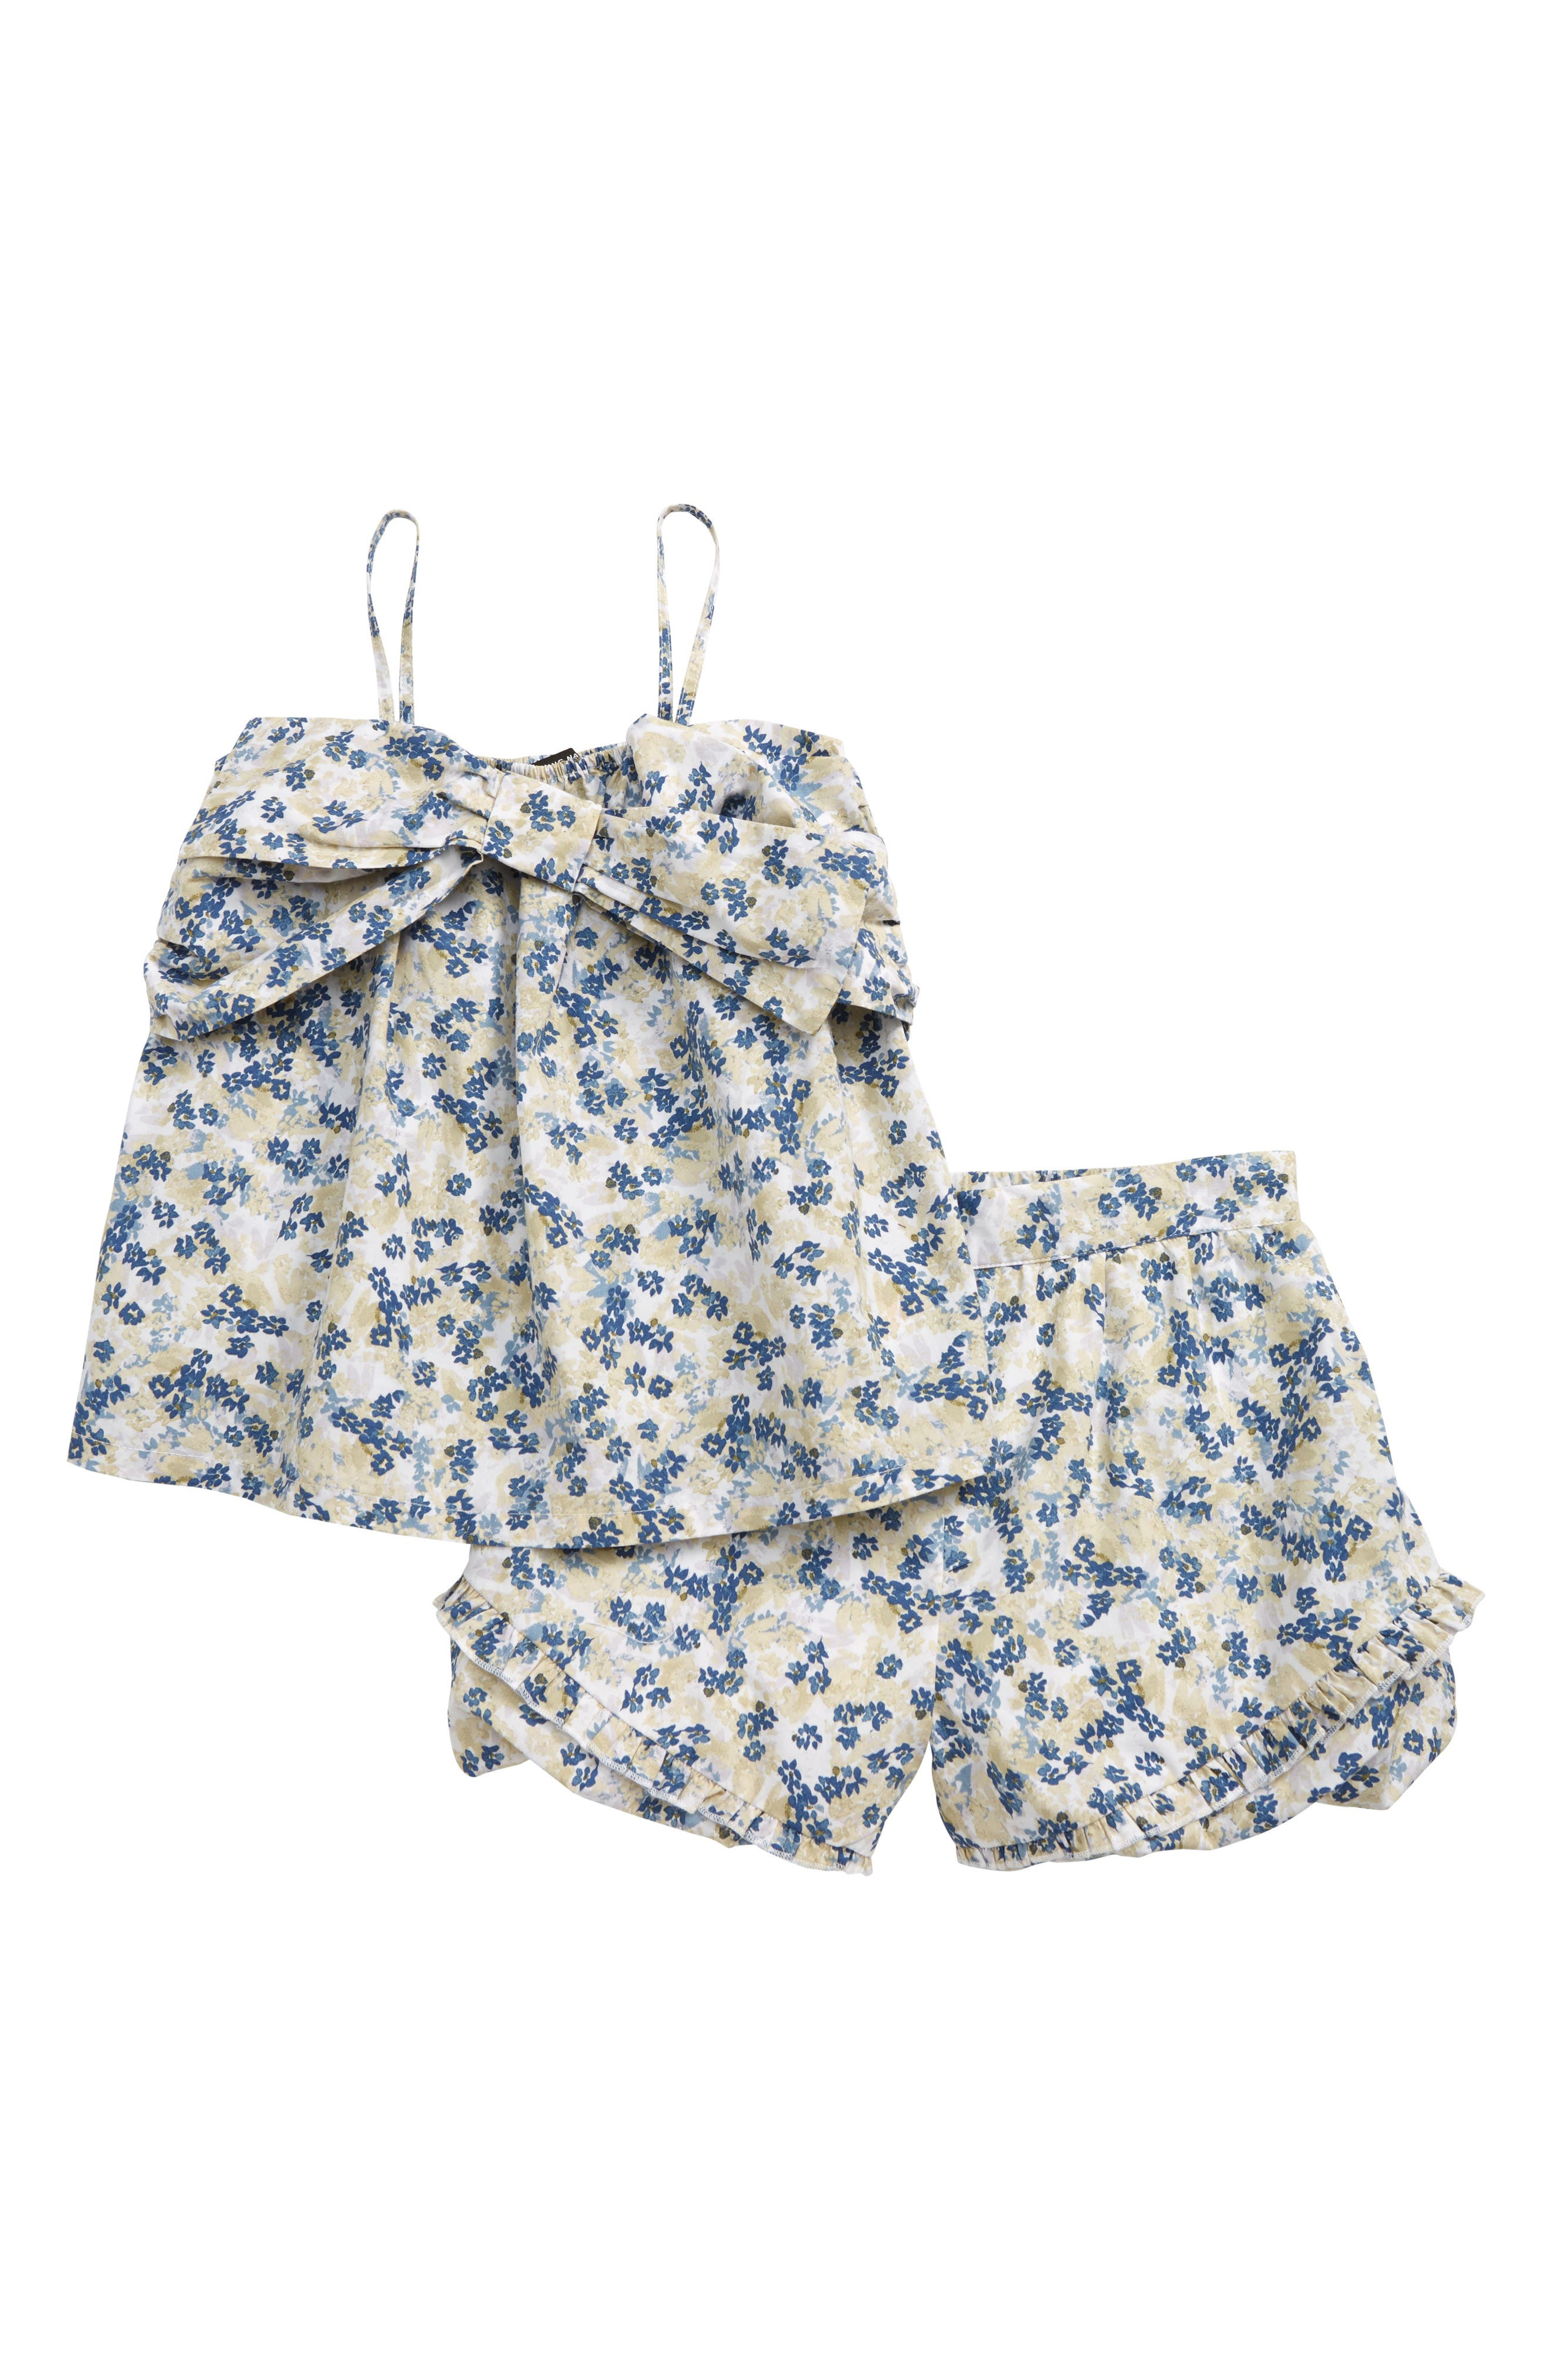 Toddler Girls Something Navy Cold Shoulder Top  Shorts Set (Toddler Girls Little Girl  Big Girls) (Nordstrom Exclusive)